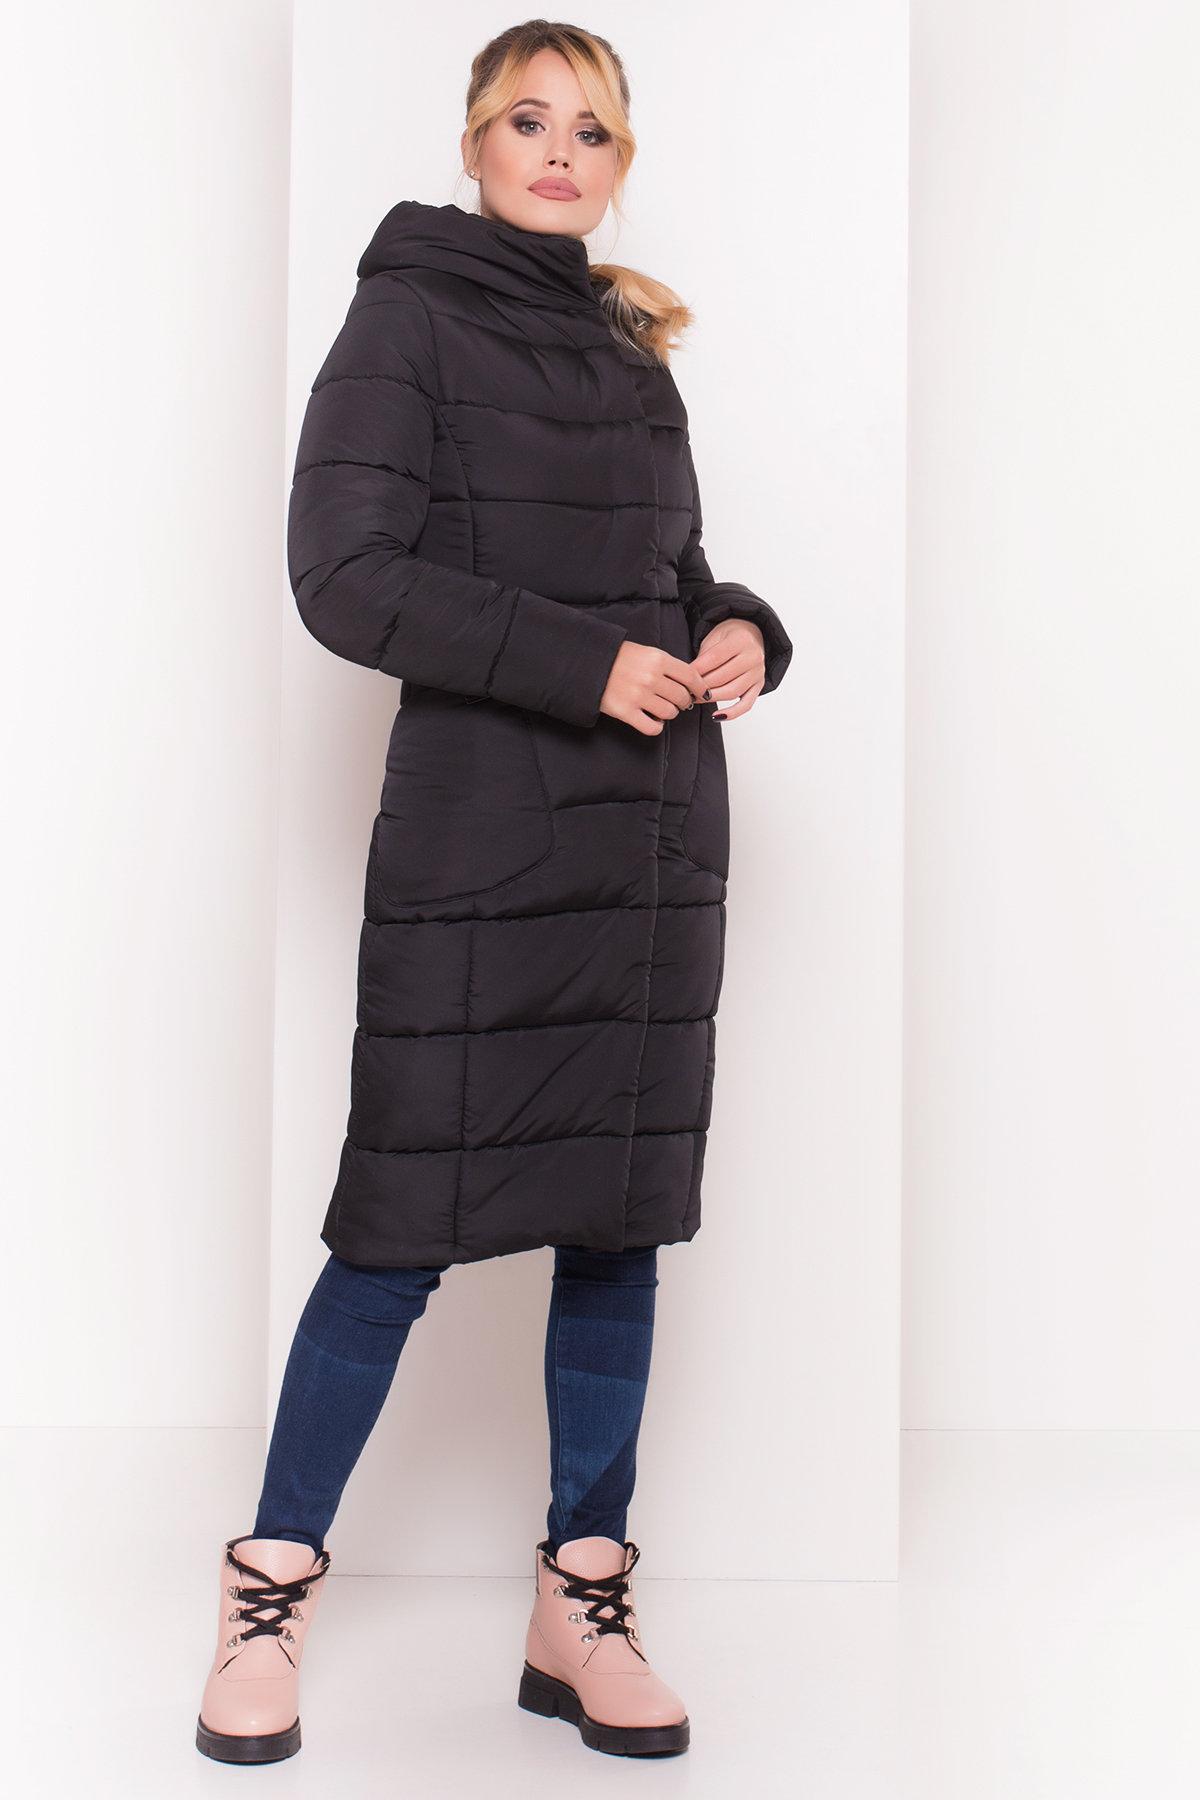 Пуховик-пальто с поясом Жако 5540 АРТ. 37335 Цвет: Черный - фото 4, интернет магазин tm-modus.ru